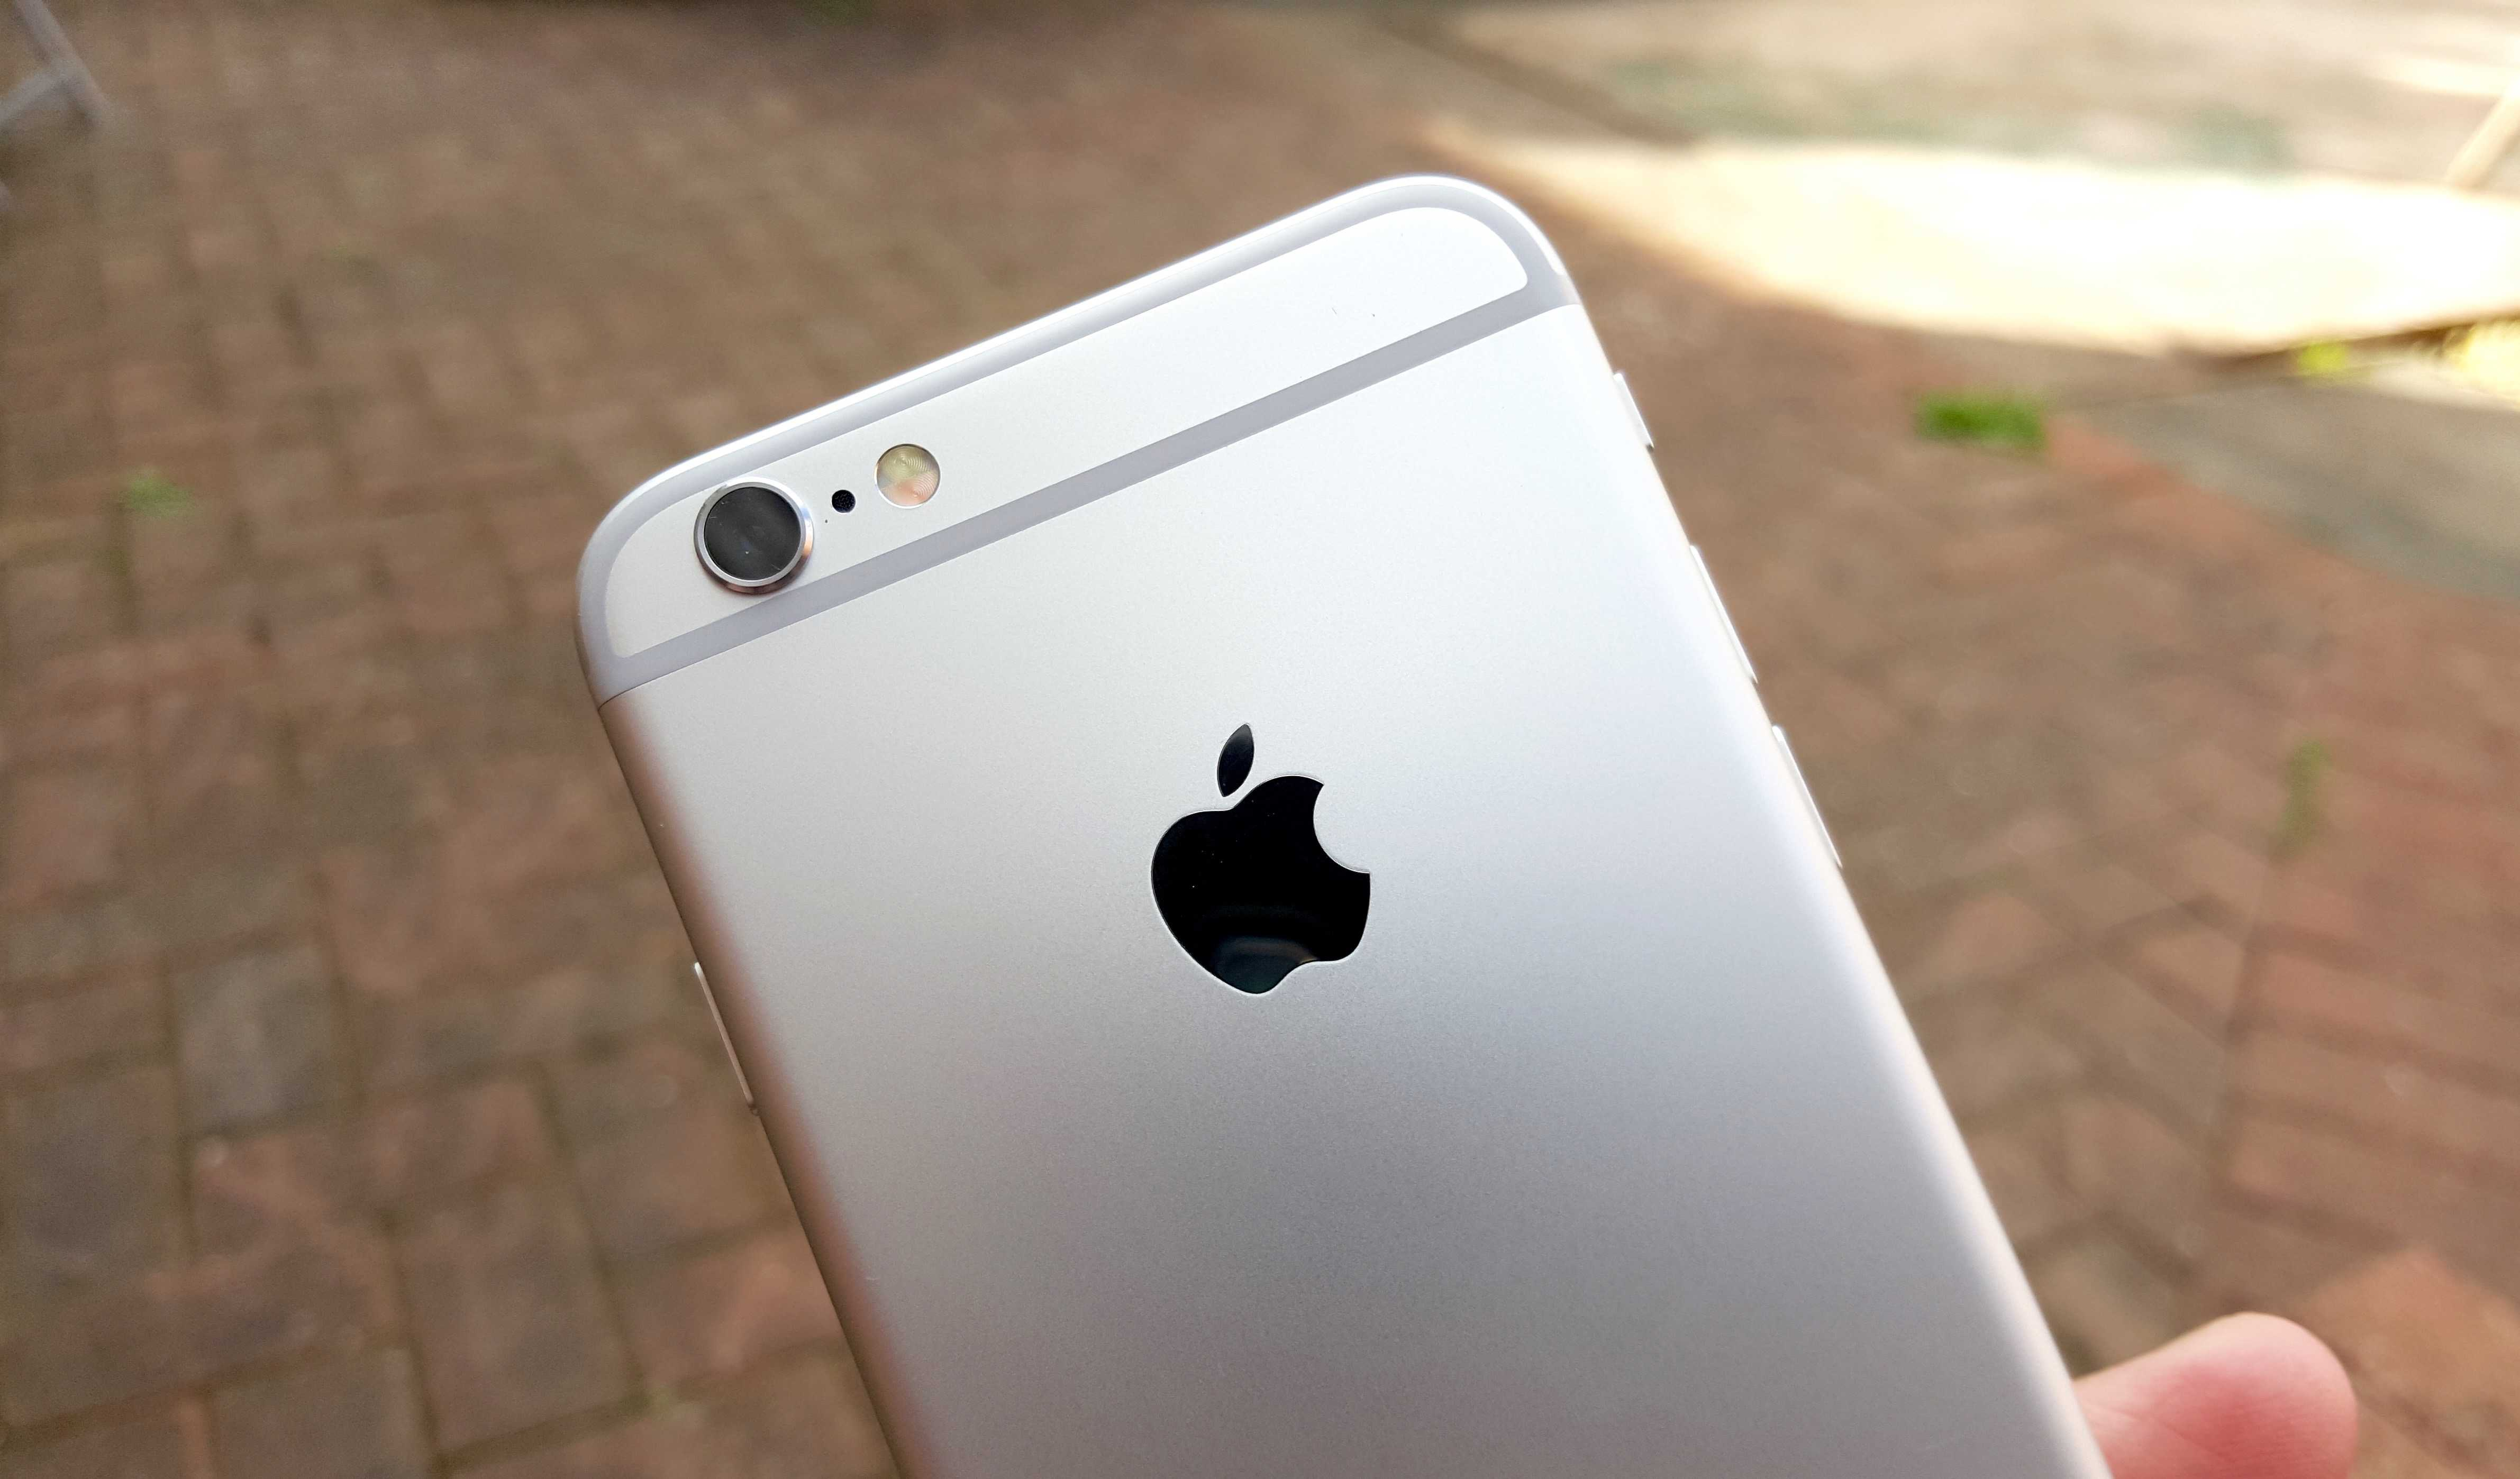 iPhone 6s boasts a new 12-megapixel camera.